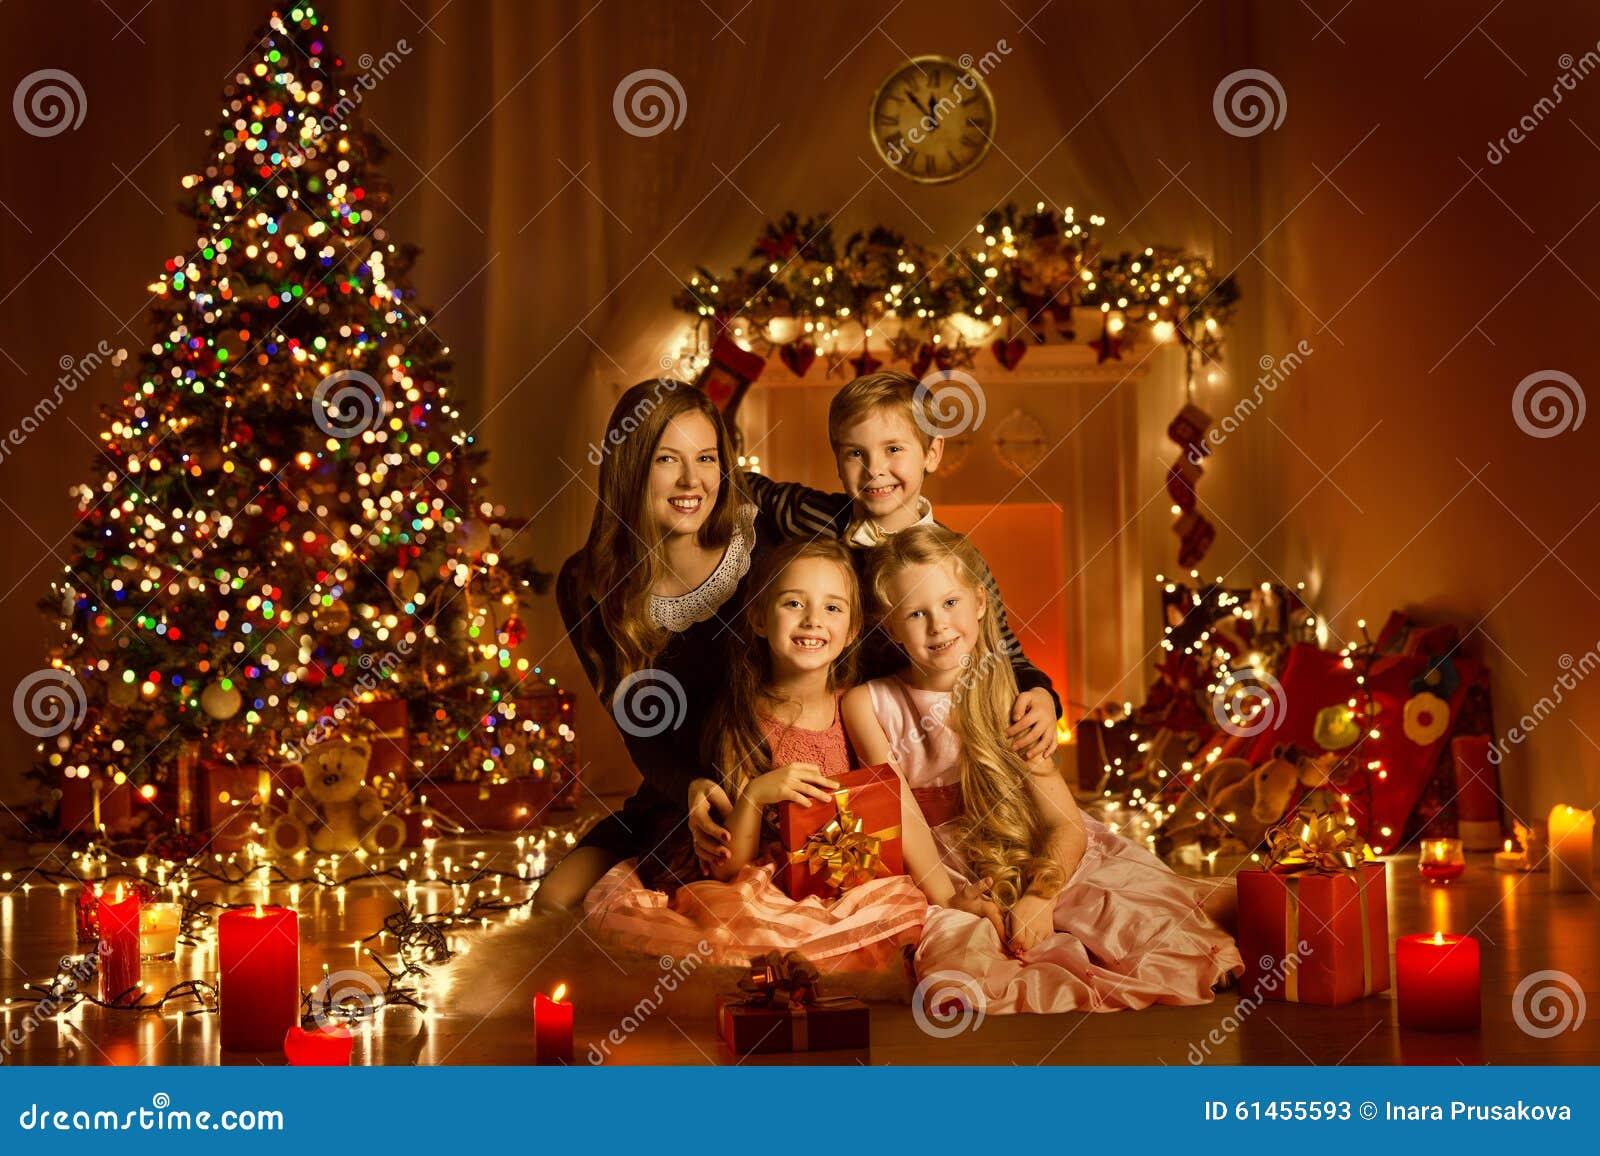 Елки картинки новогодние